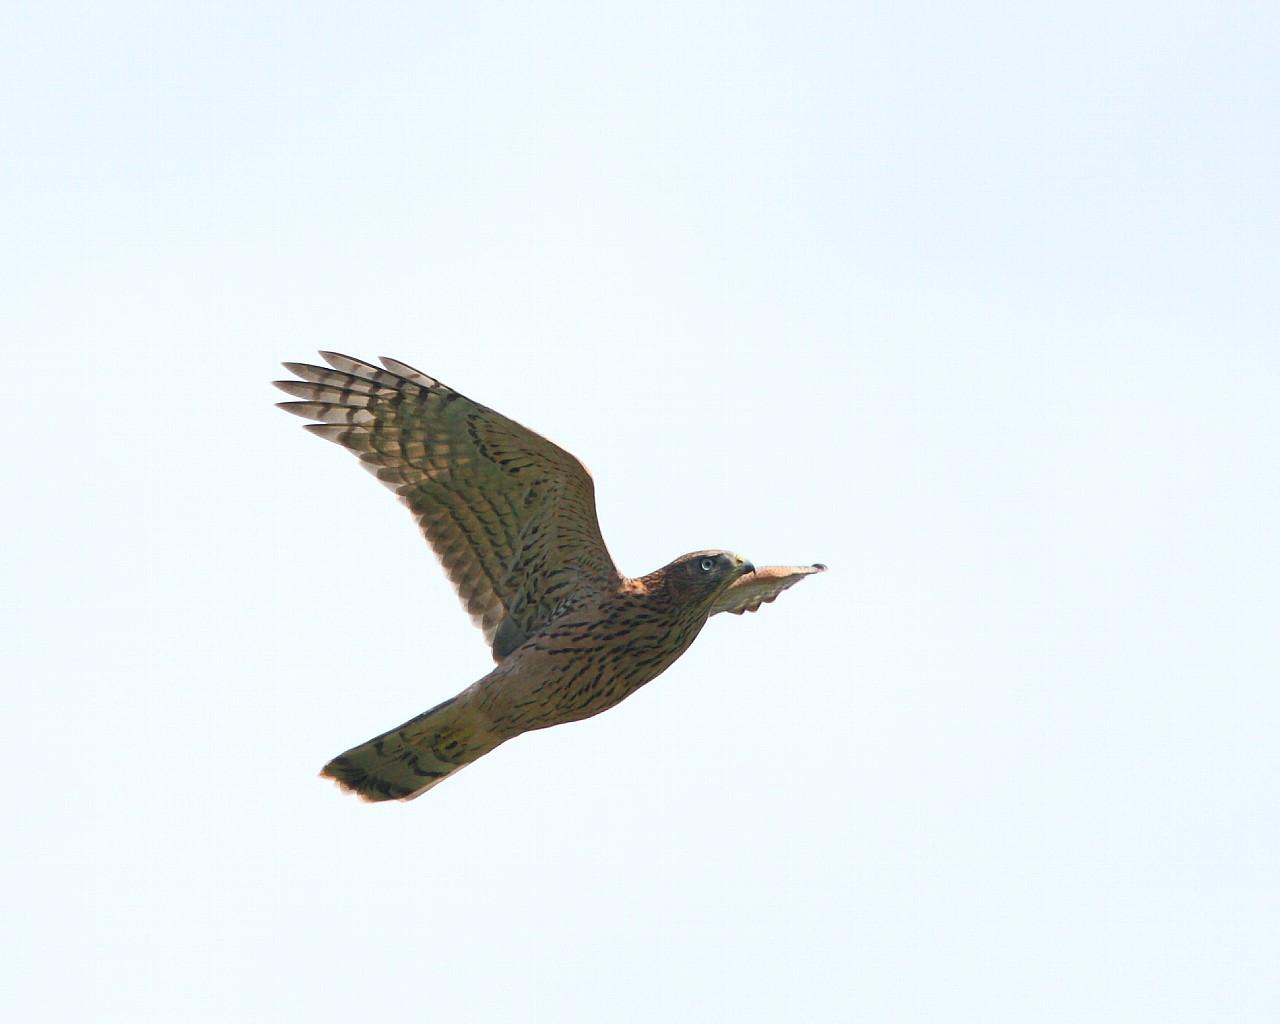 飛行練習するオオタカ若鳥_f0105570_2134412.jpg